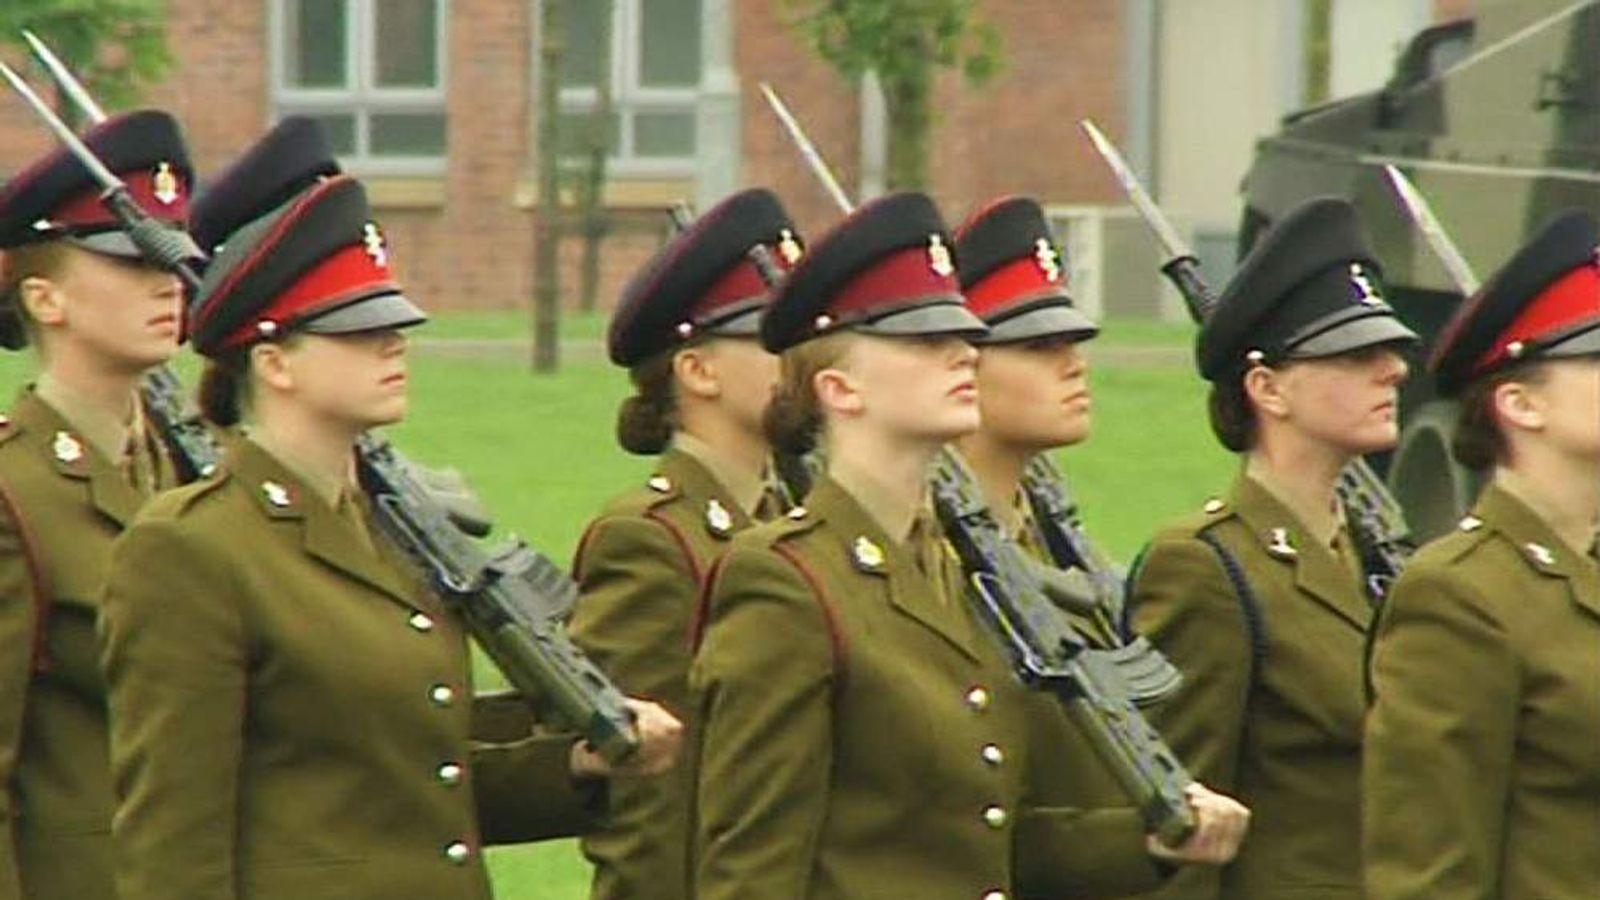 Women in Army